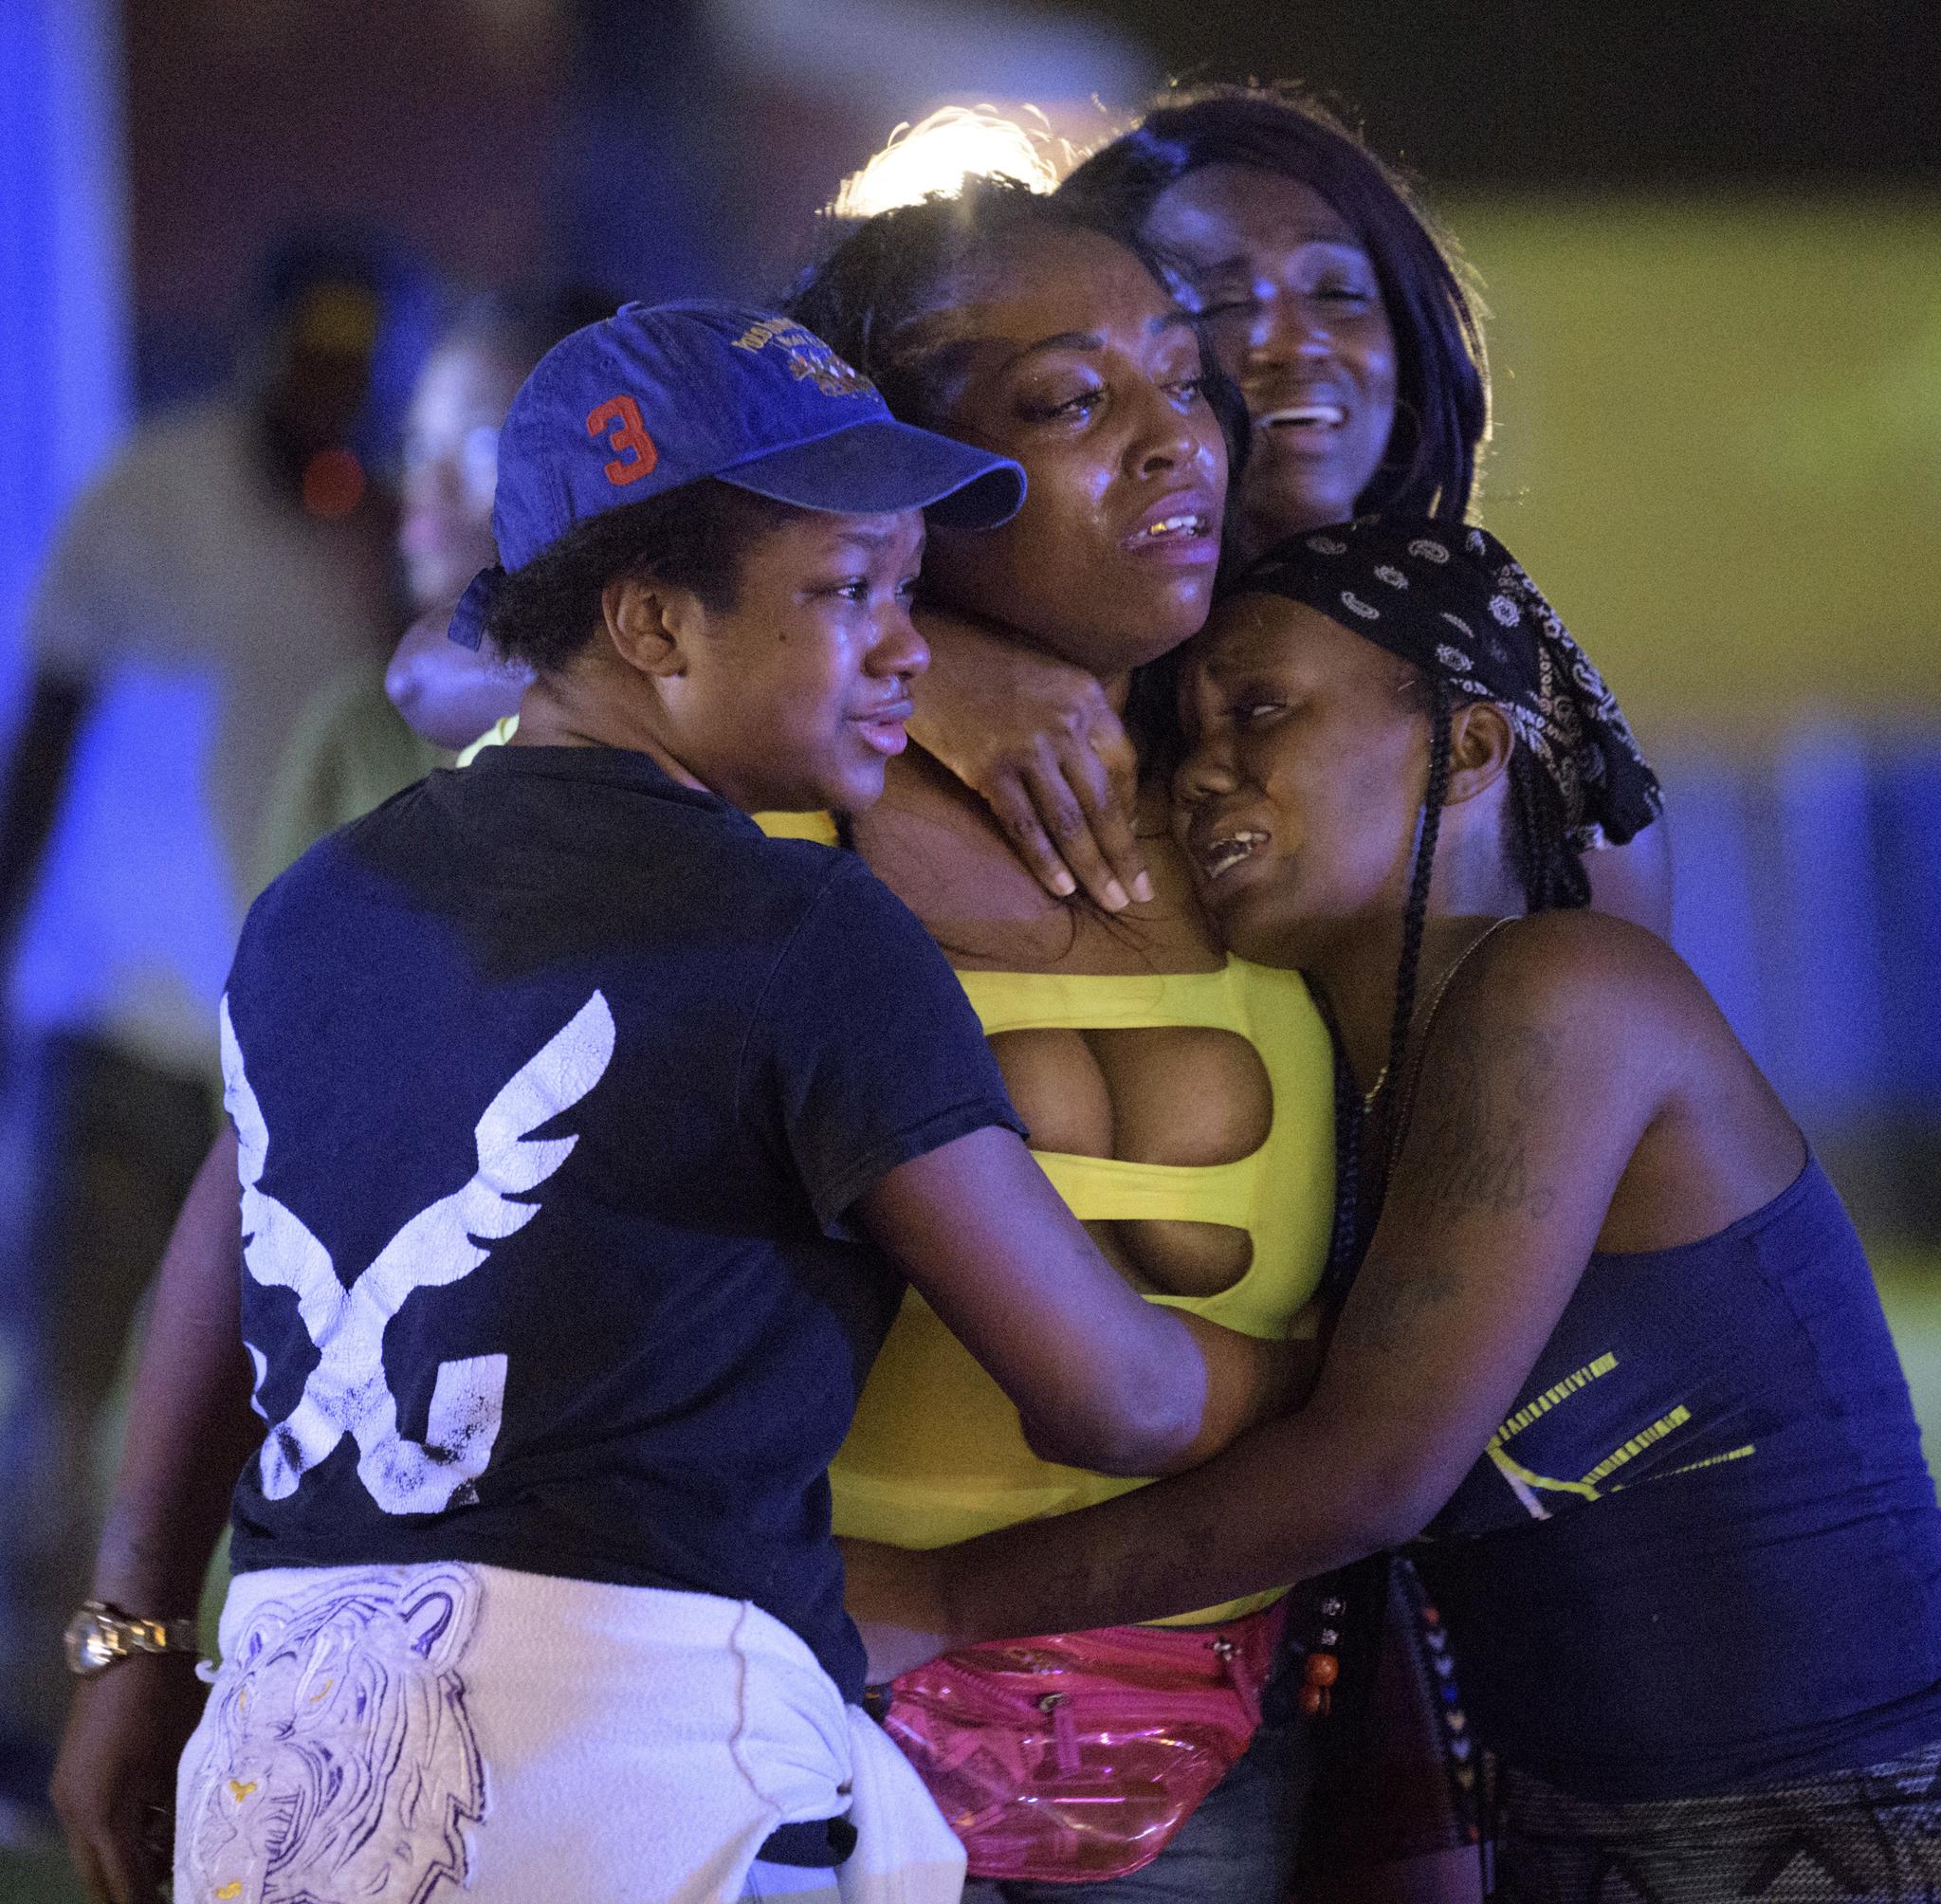 28일(현지시간) 미국 남부 루이지애나주 뉴올리언스시에서 총기 난사 사건이 발생해 현장에 있던 사람들이 사고 현장을 바라보고 있다. [AP=연합뉴스]